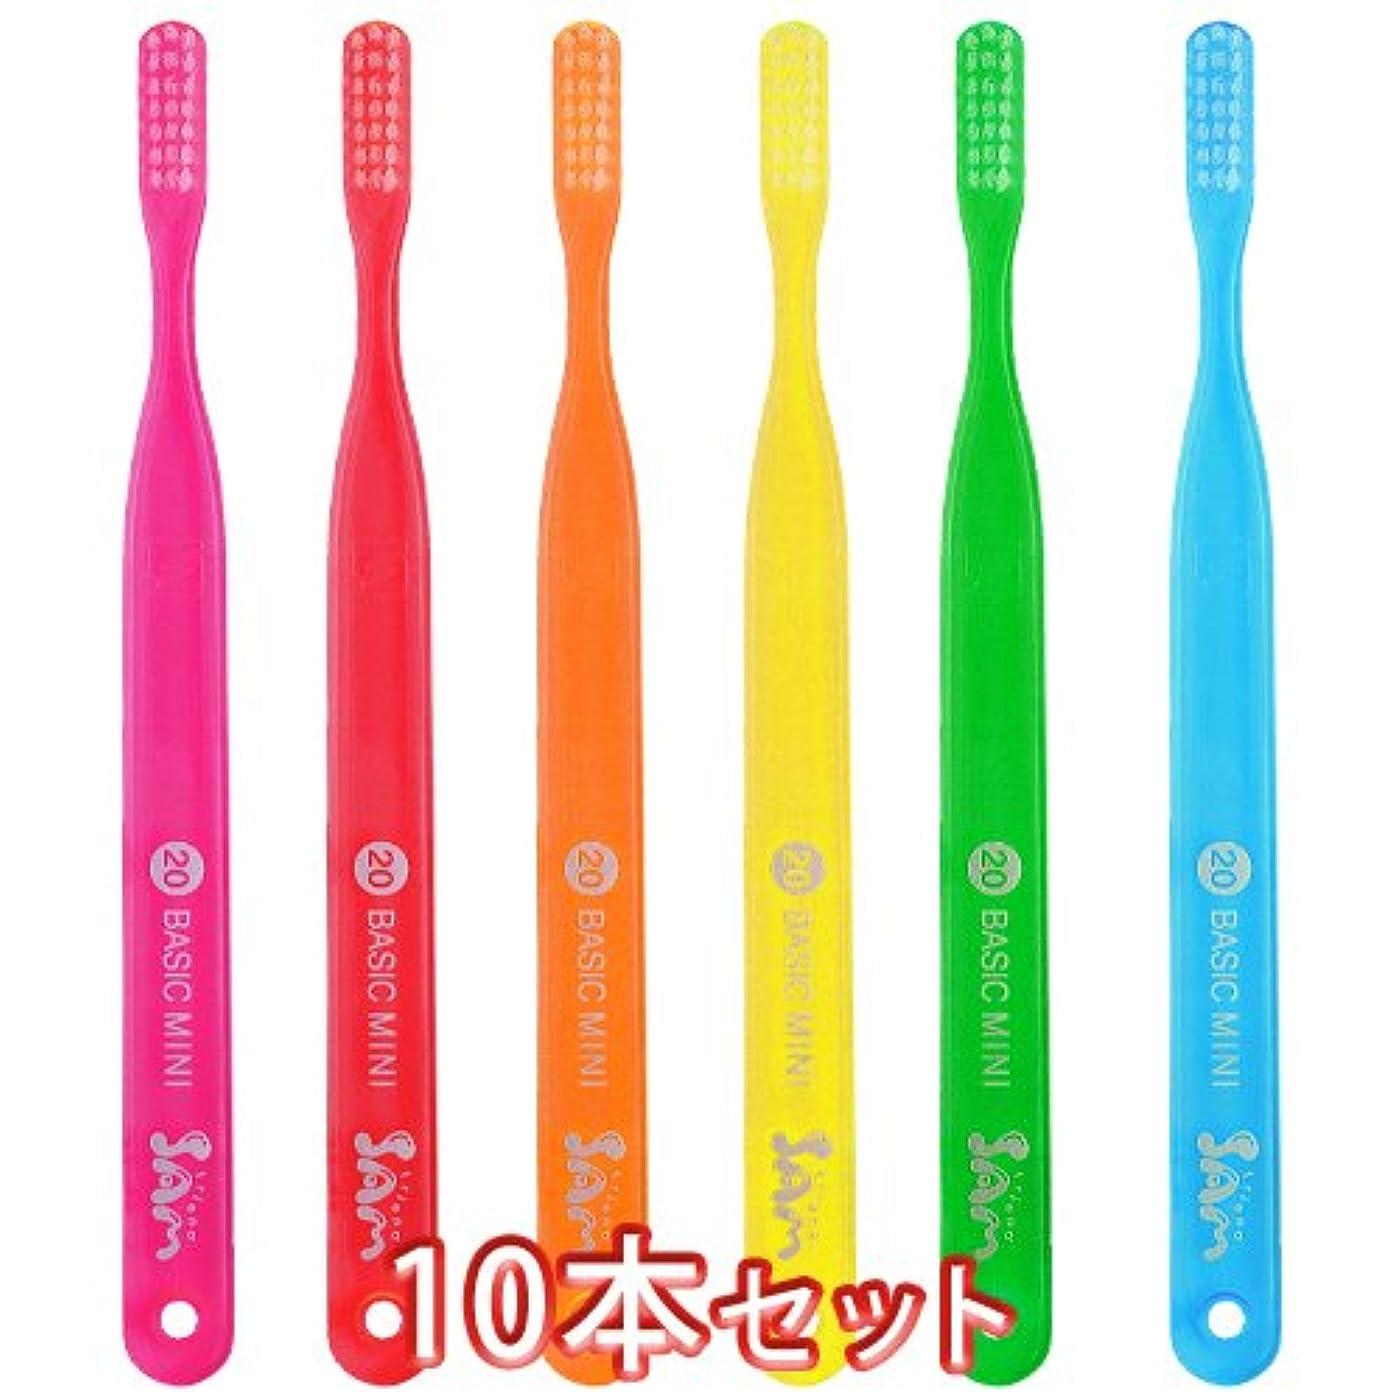 酸っぱい起こりやすい蒸留するサムフレンド ベーシック 歯ブラシ 10本 (#20)